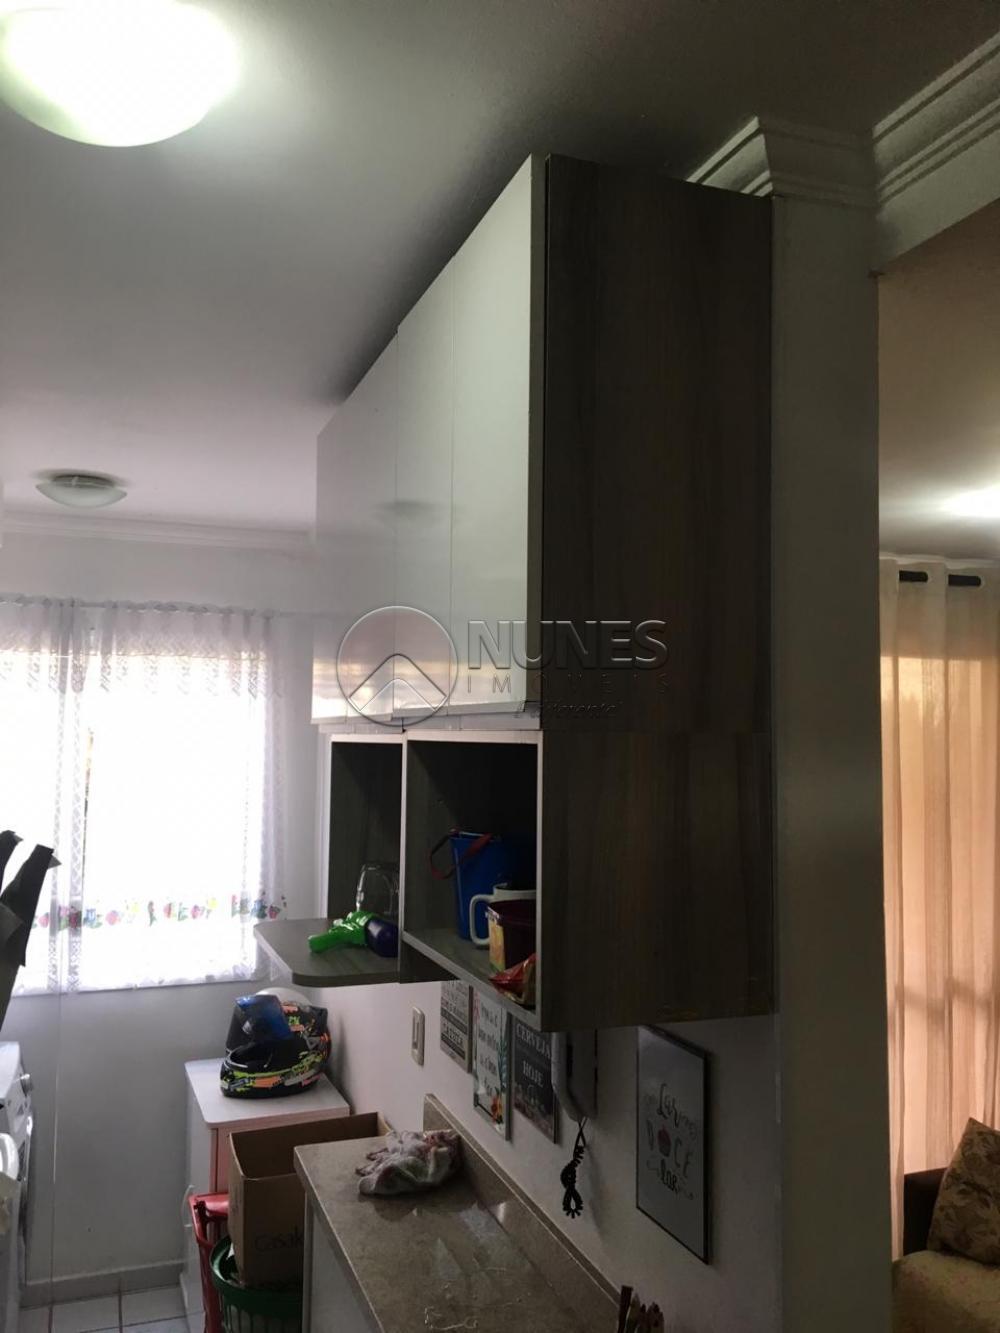 Comprar Apartamento / Padrão em Osasco apenas R$ 167.000,00 - Foto 4